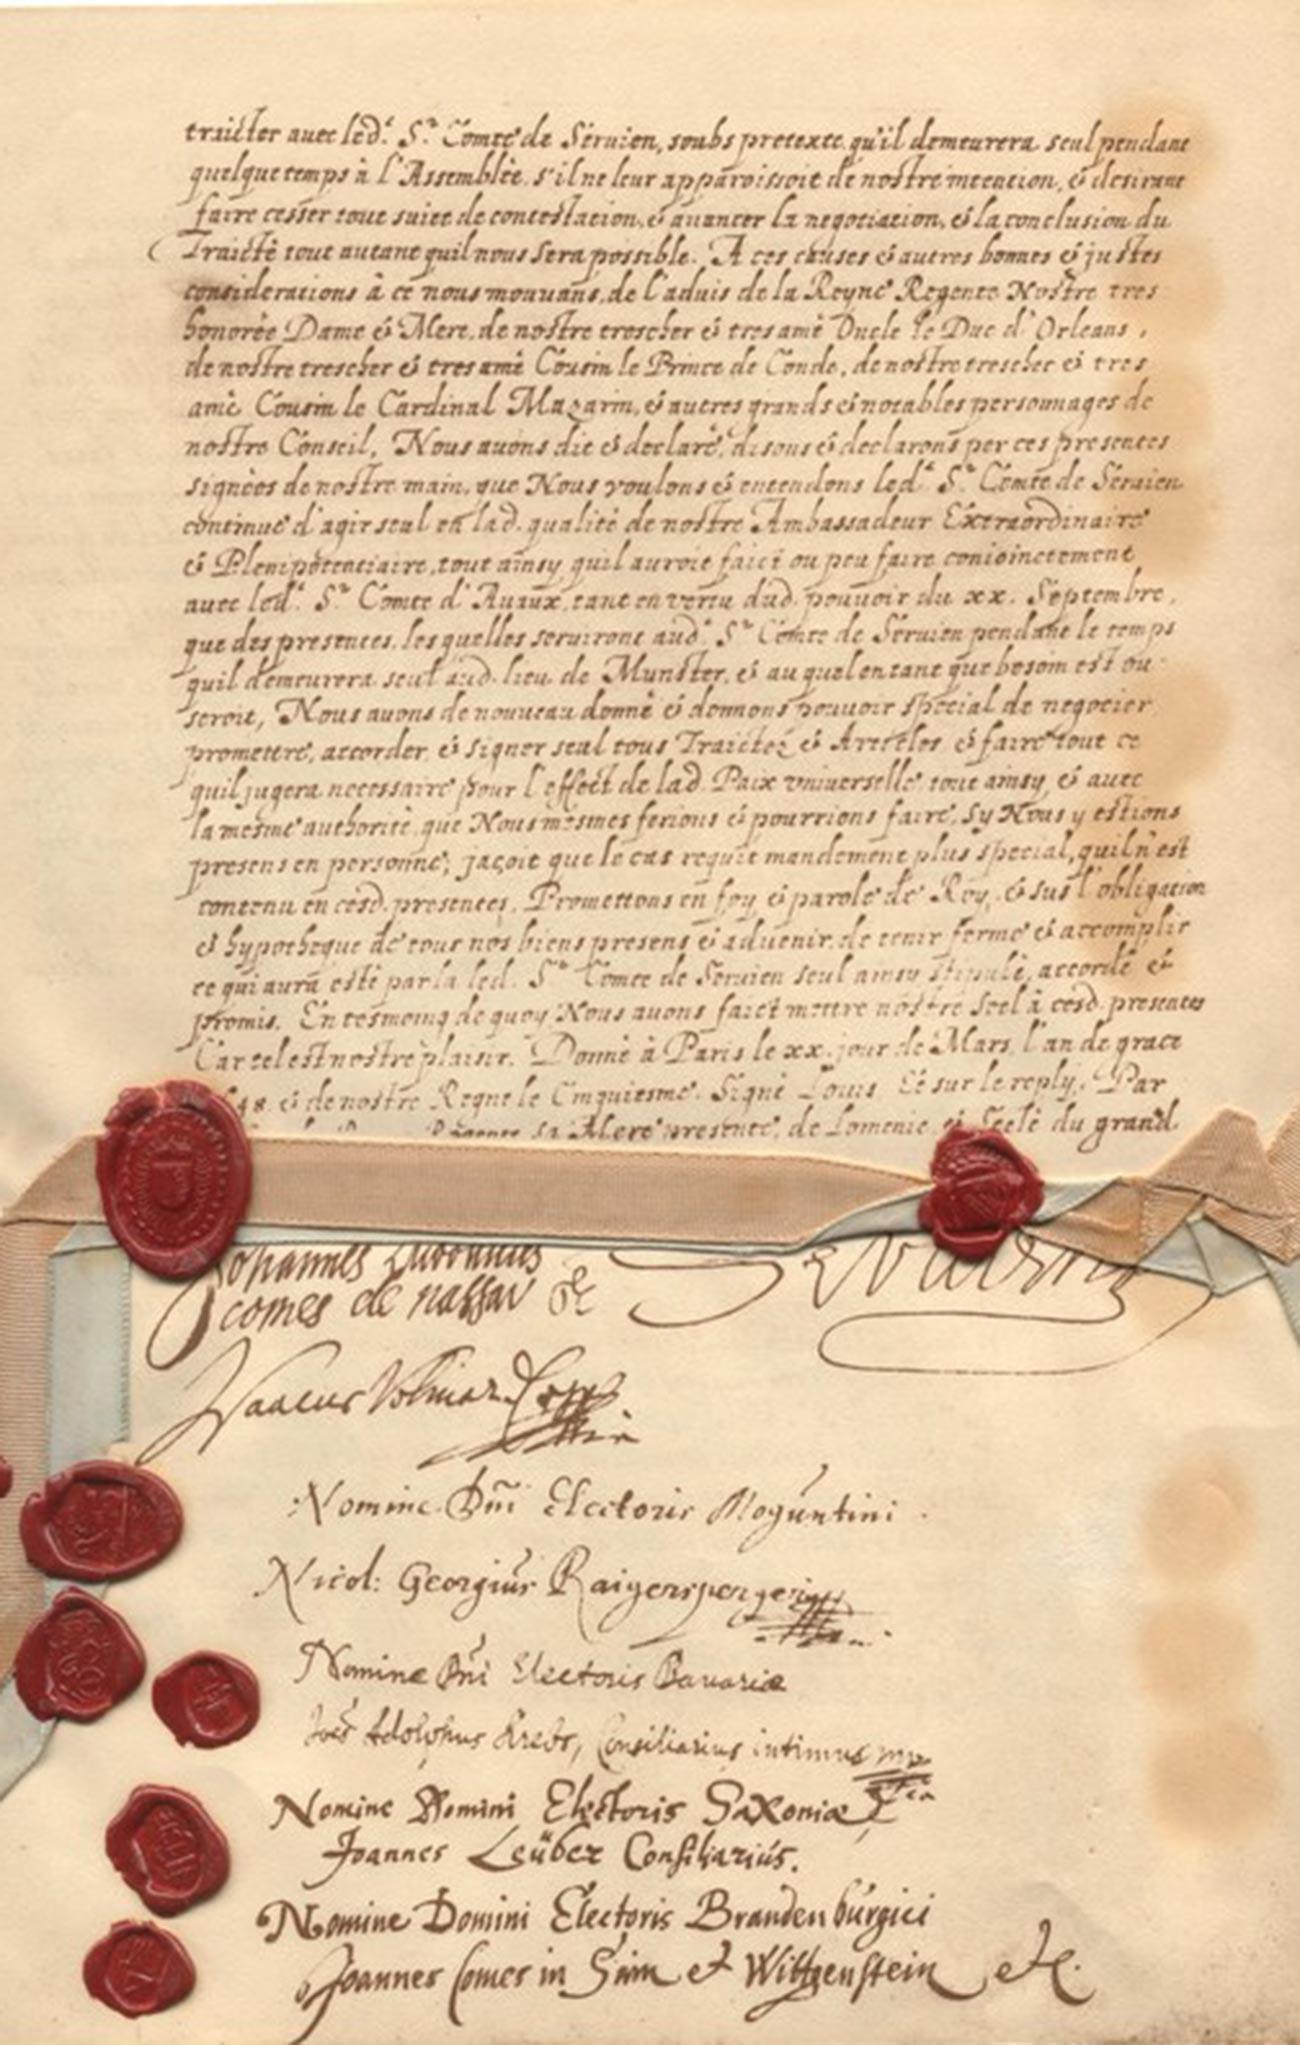 Uno stralcio del trattato di Vestfalia in francese